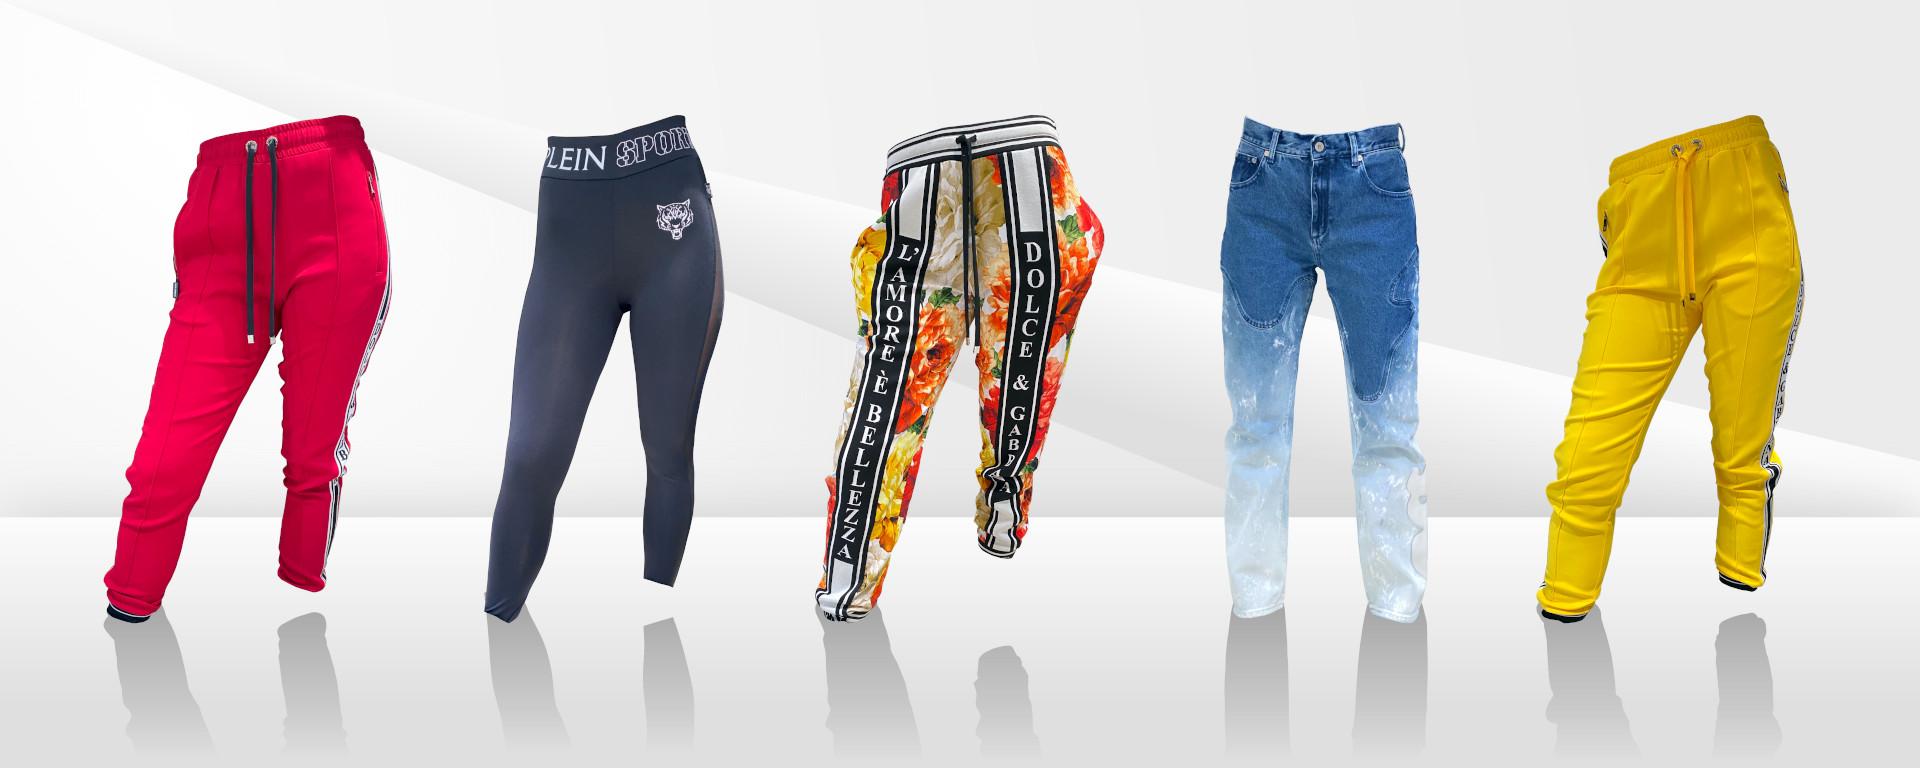 Kategoriebild Jeans & Hosen